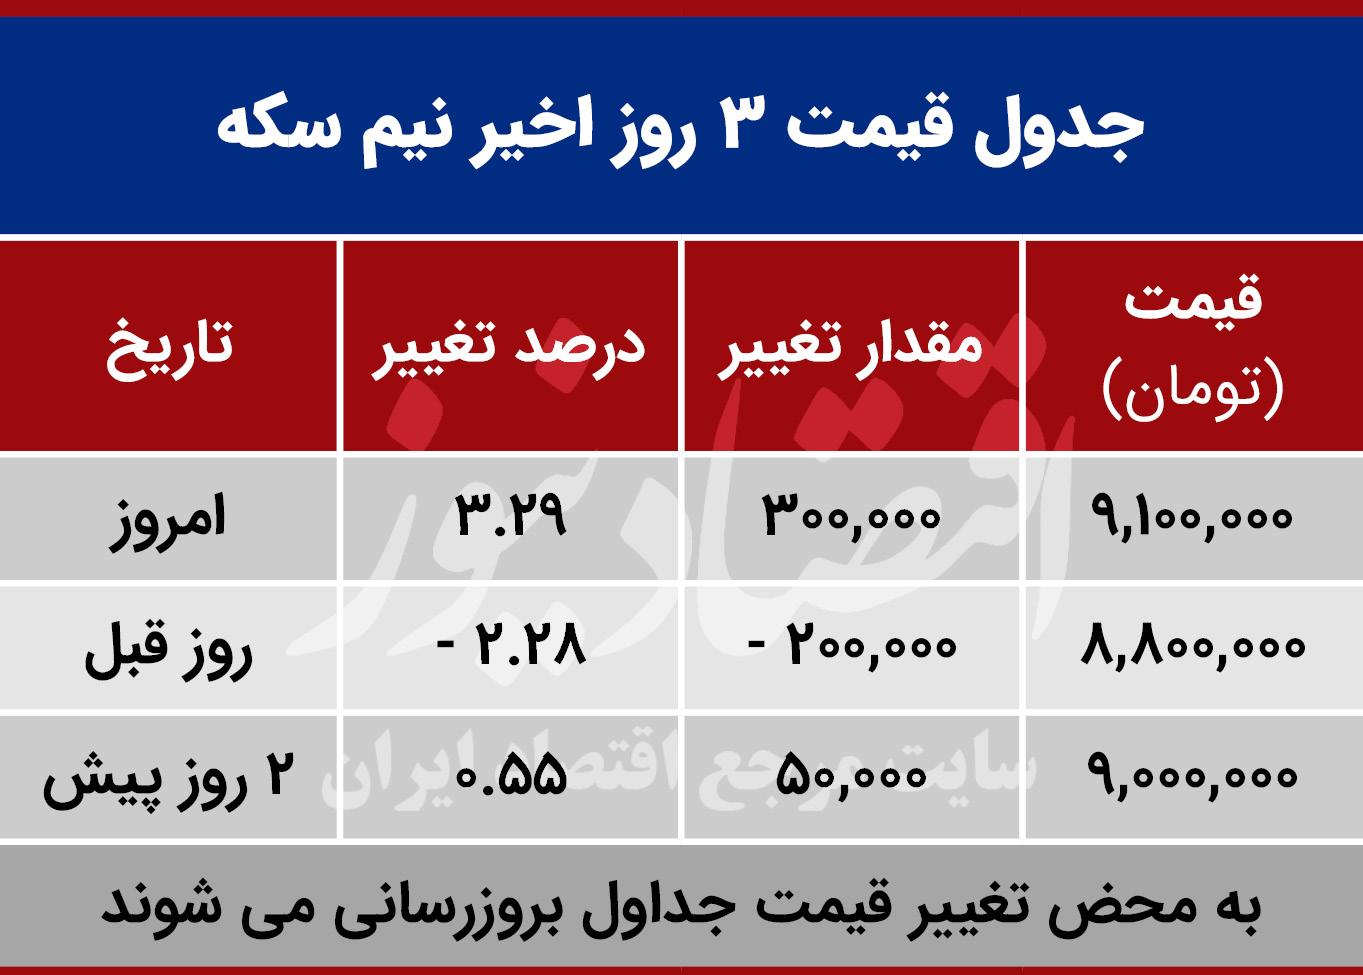 قیمت نیم سکه امروز 24 مهر 99